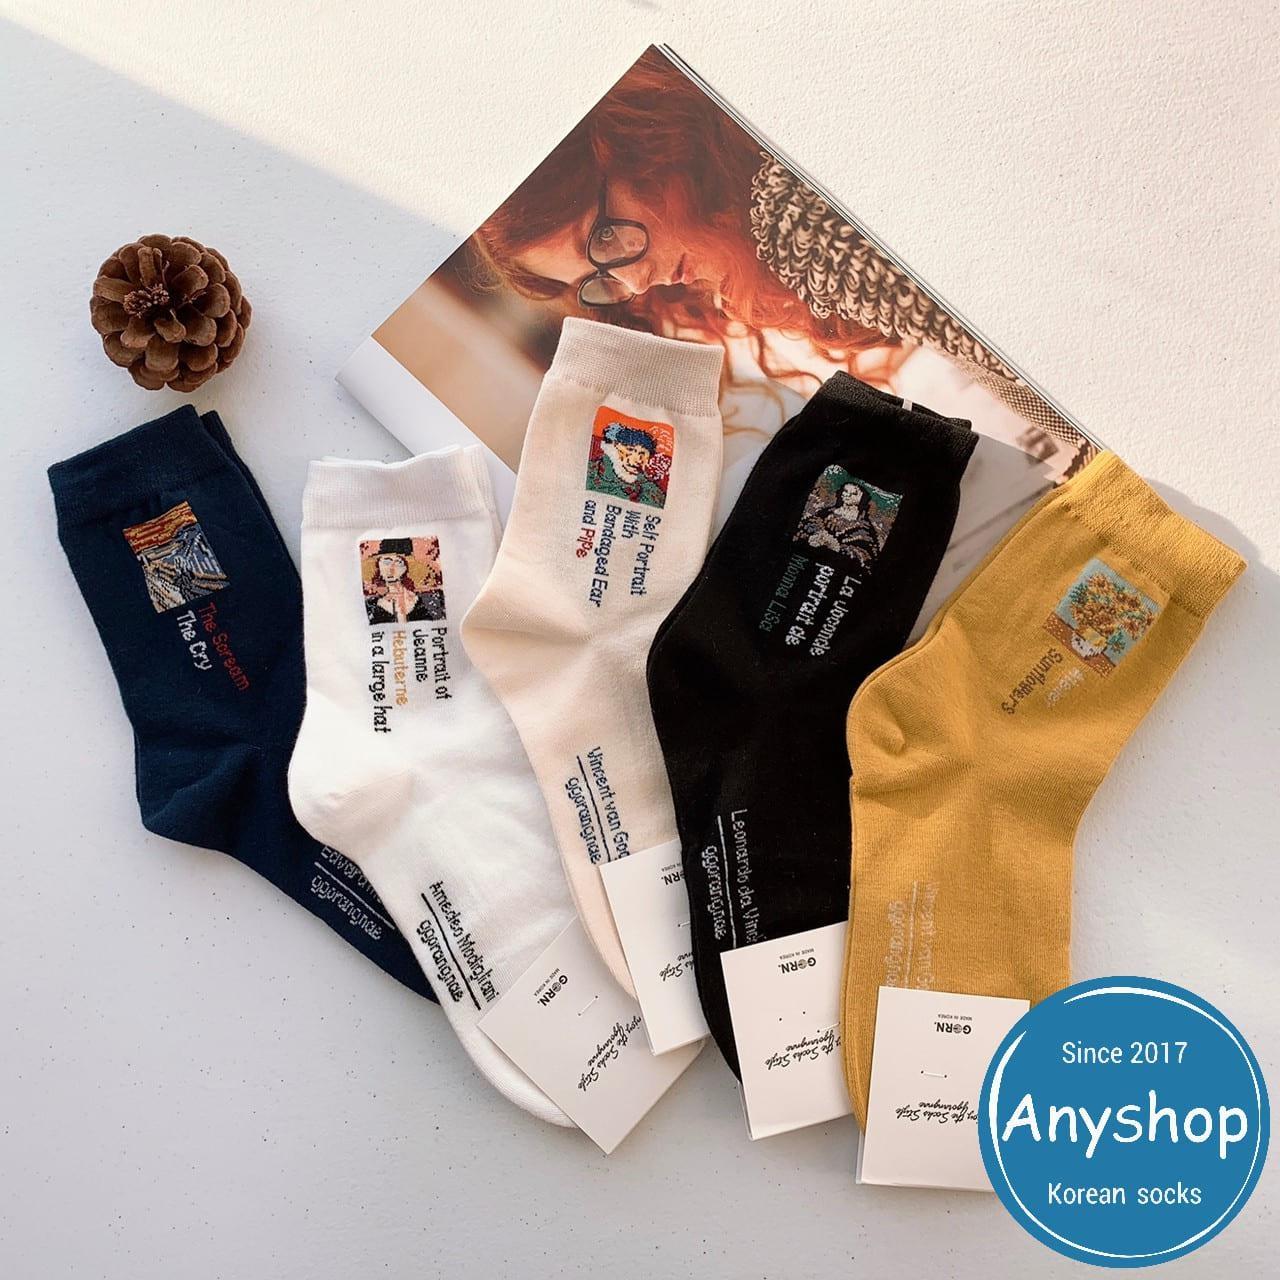 韓國襪-[Anyshop]經典小名畫系列長襪